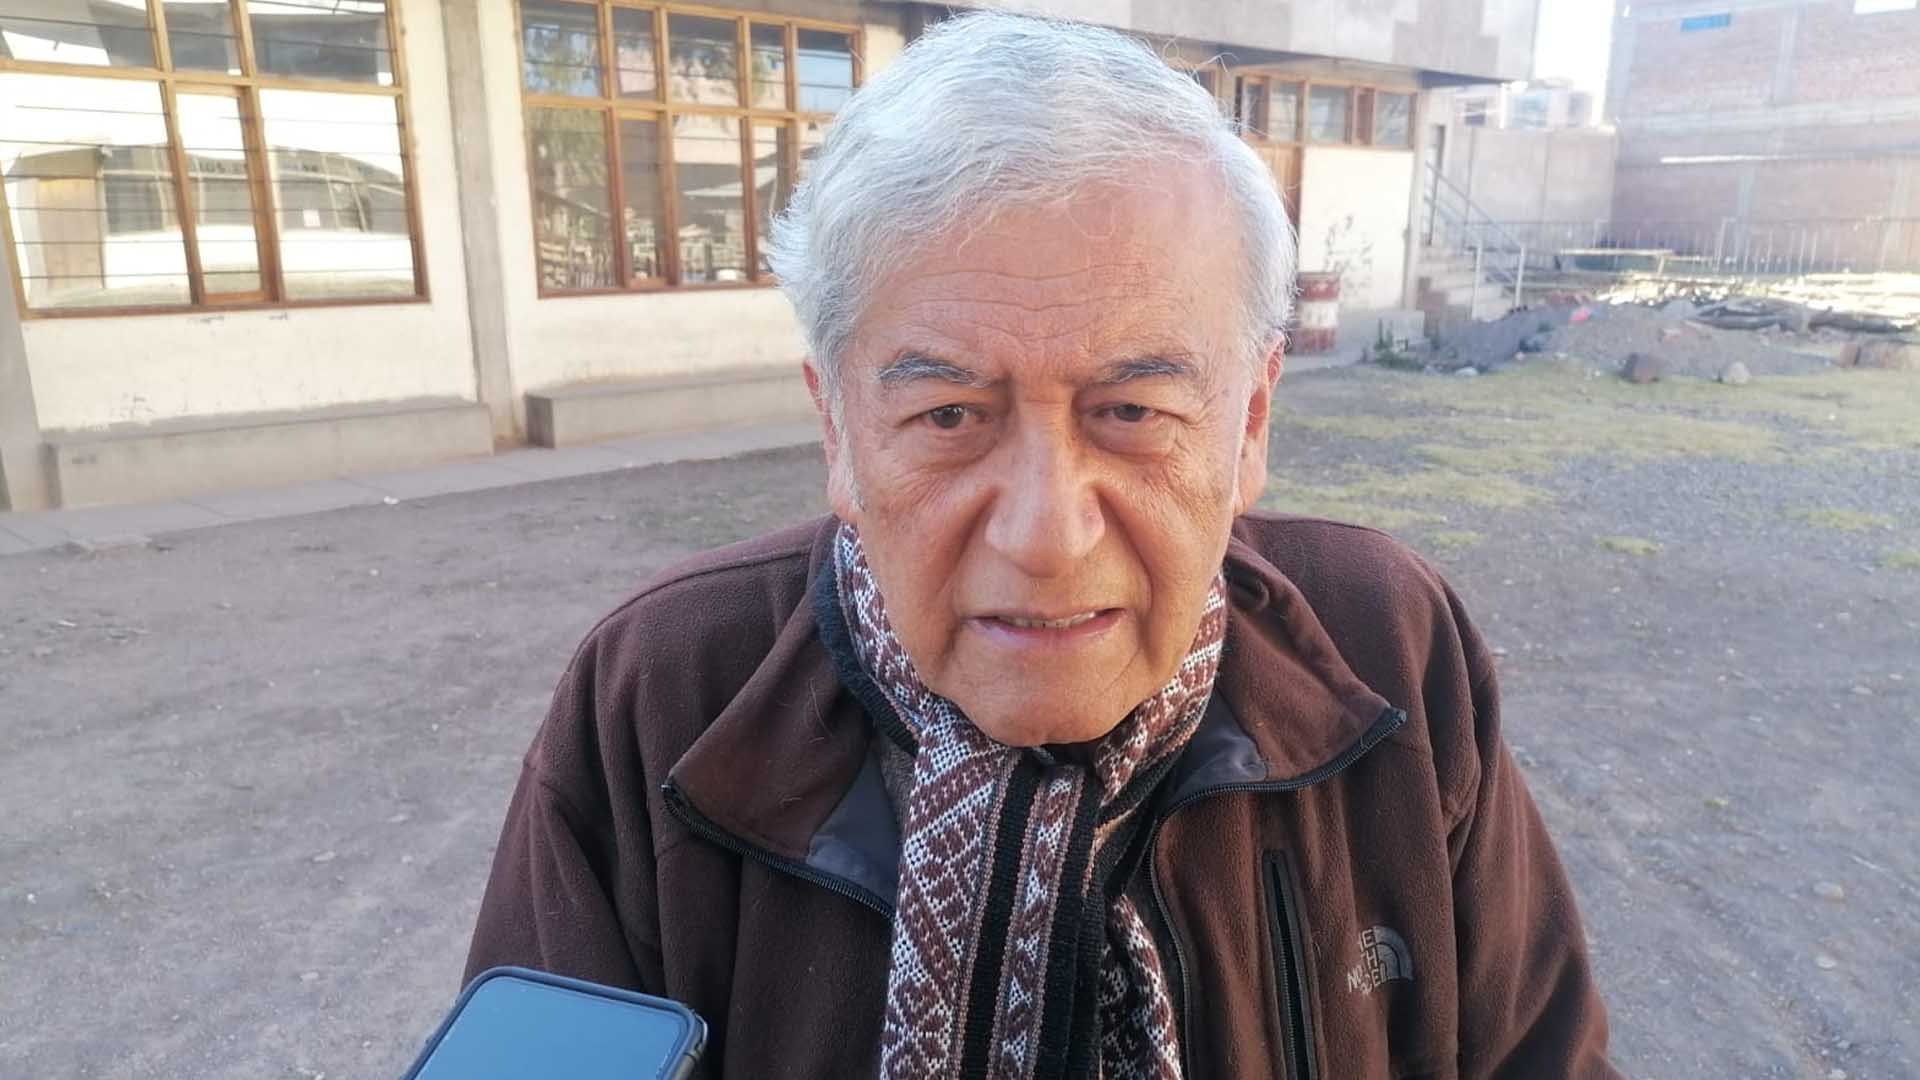 párroco de la parroquia Pueblo de Dios, Luis Zambrano Rojas